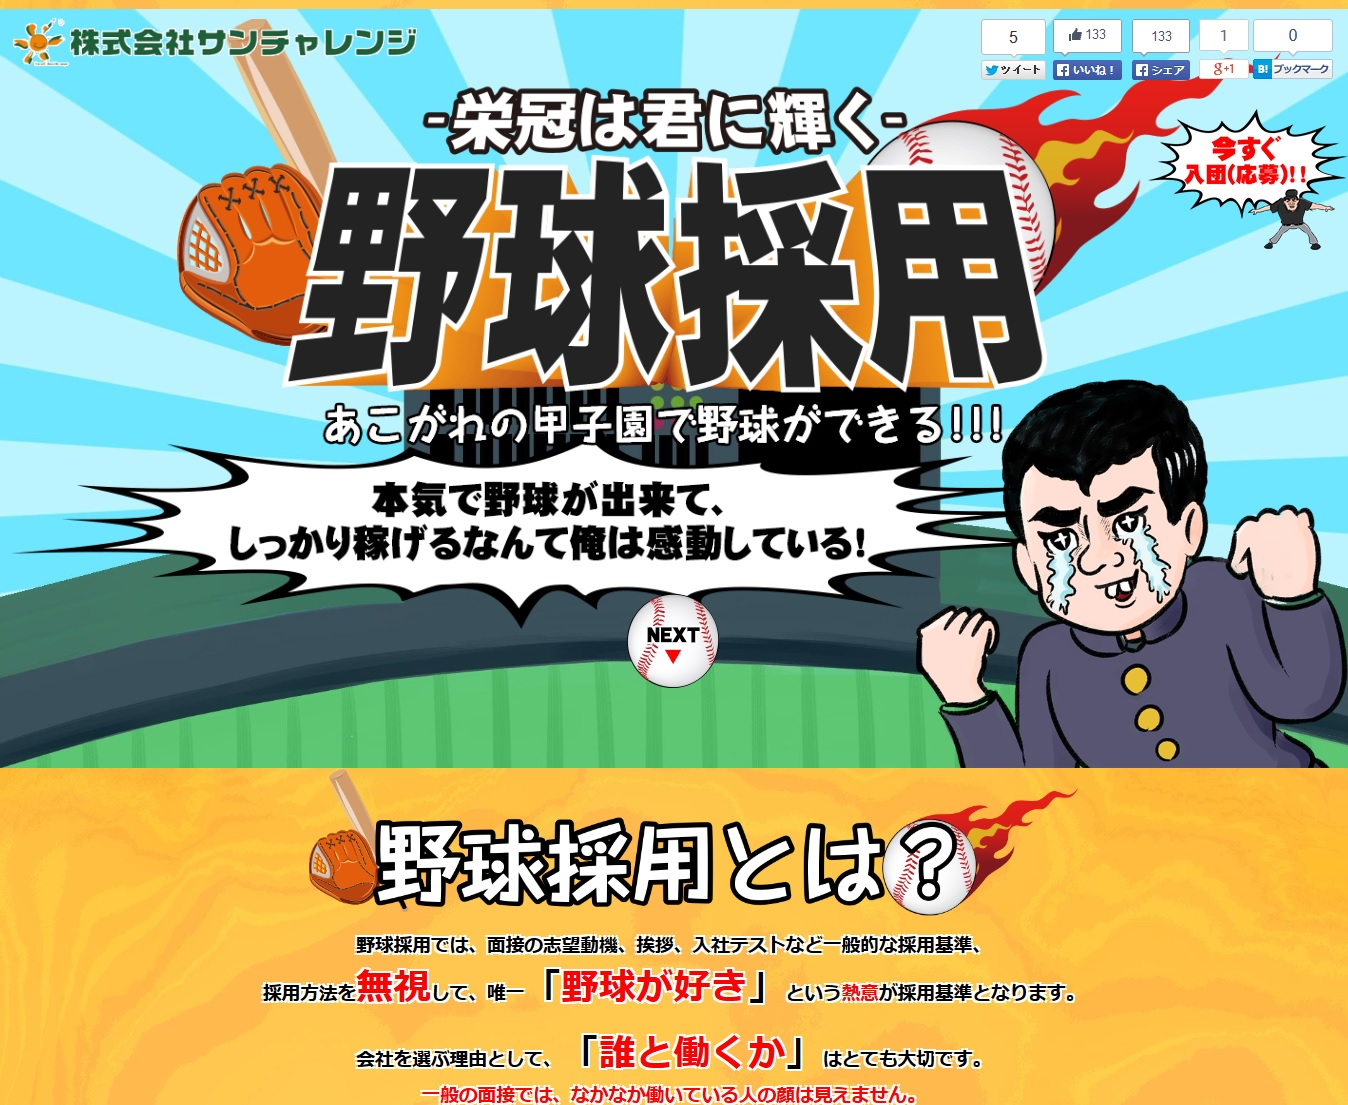 横浜のベンチャーが「野球採用」開始 「社員と一緒に野球して、仲良くなれればOK!」